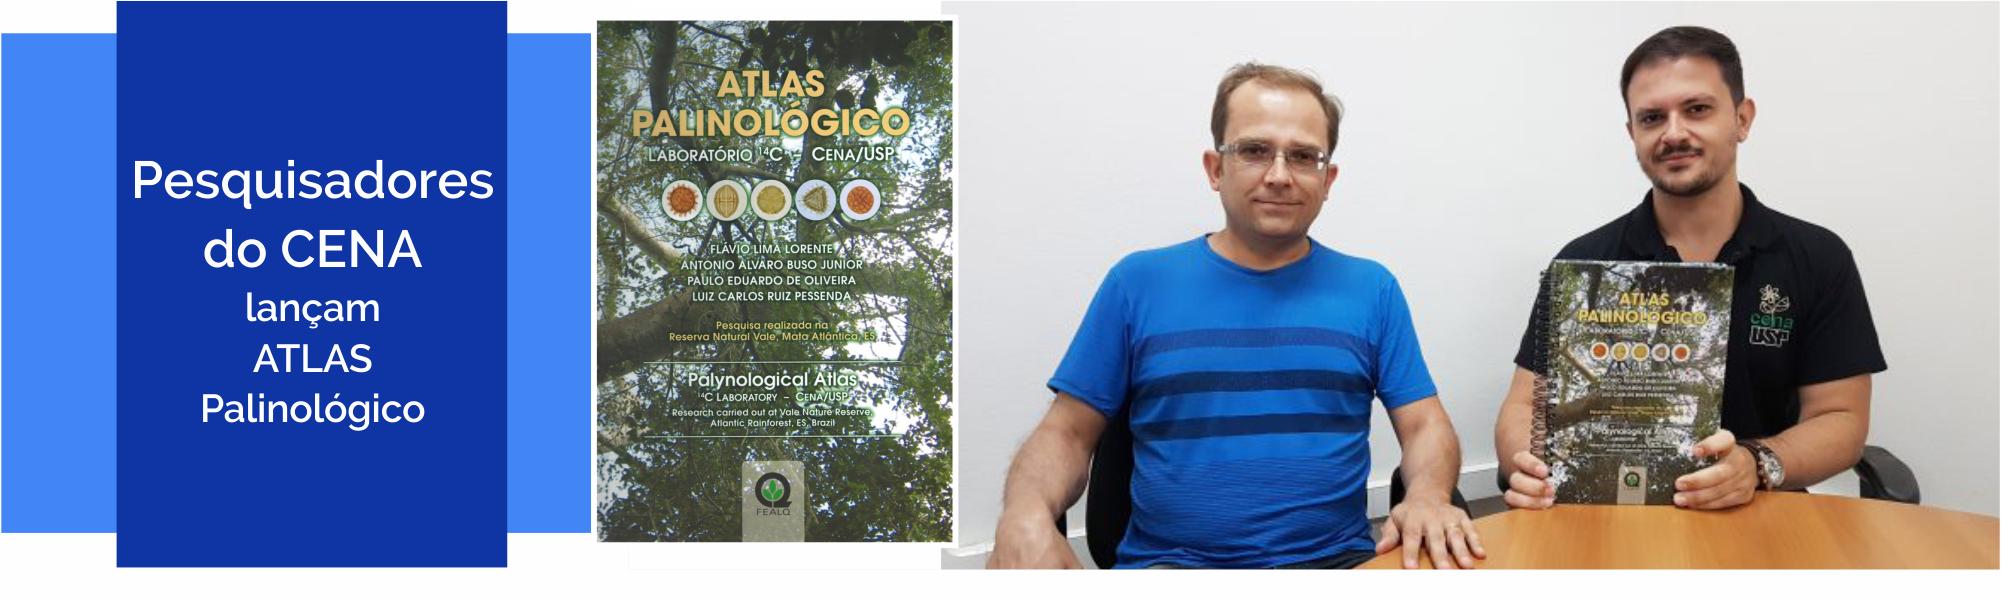 atlas_palinologico